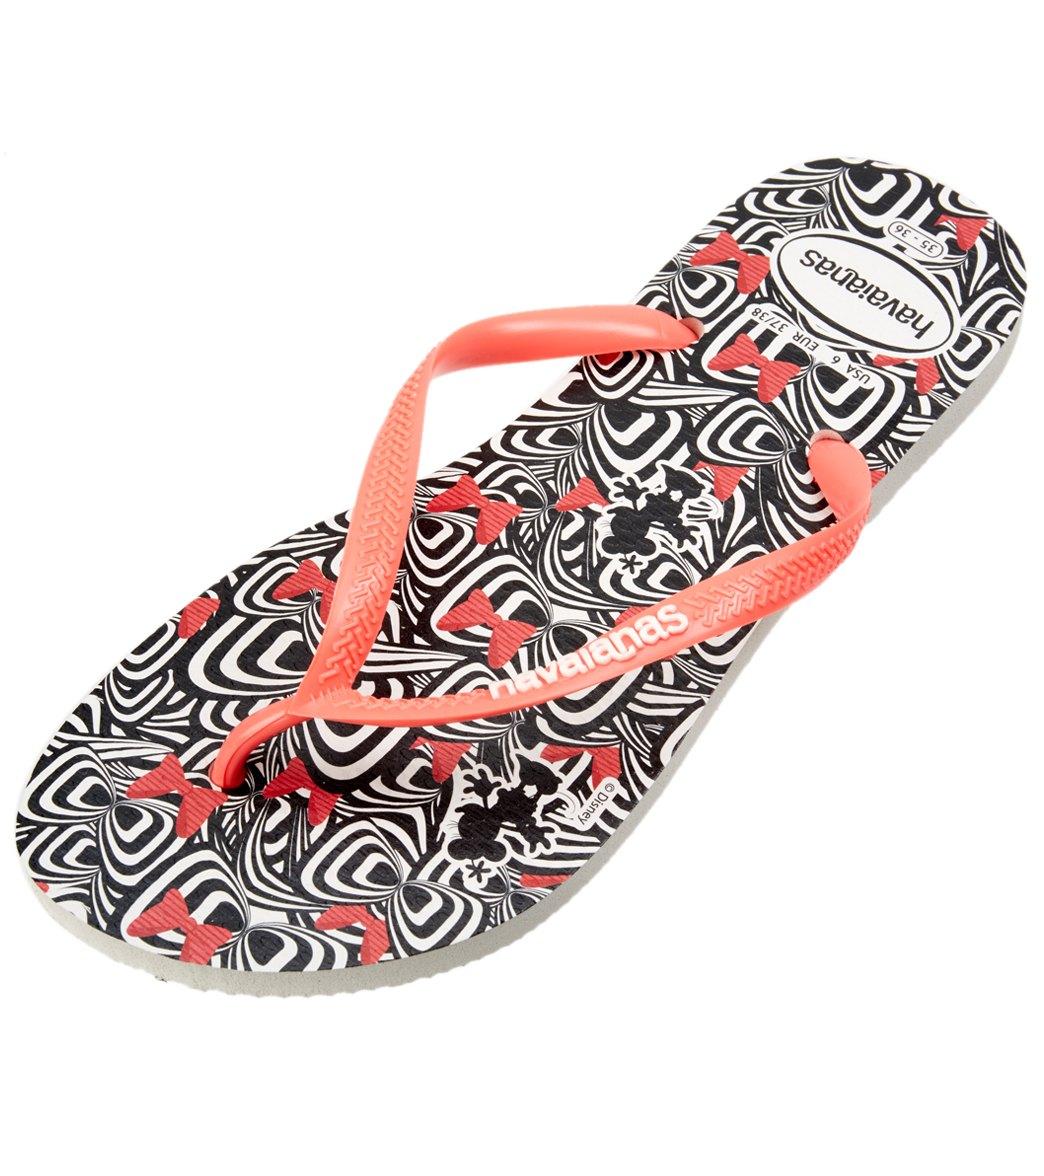 e4cc35c710d2a Havaianas Women s Slim Millennial Minnie Flip Flop at SwimOutlet.com